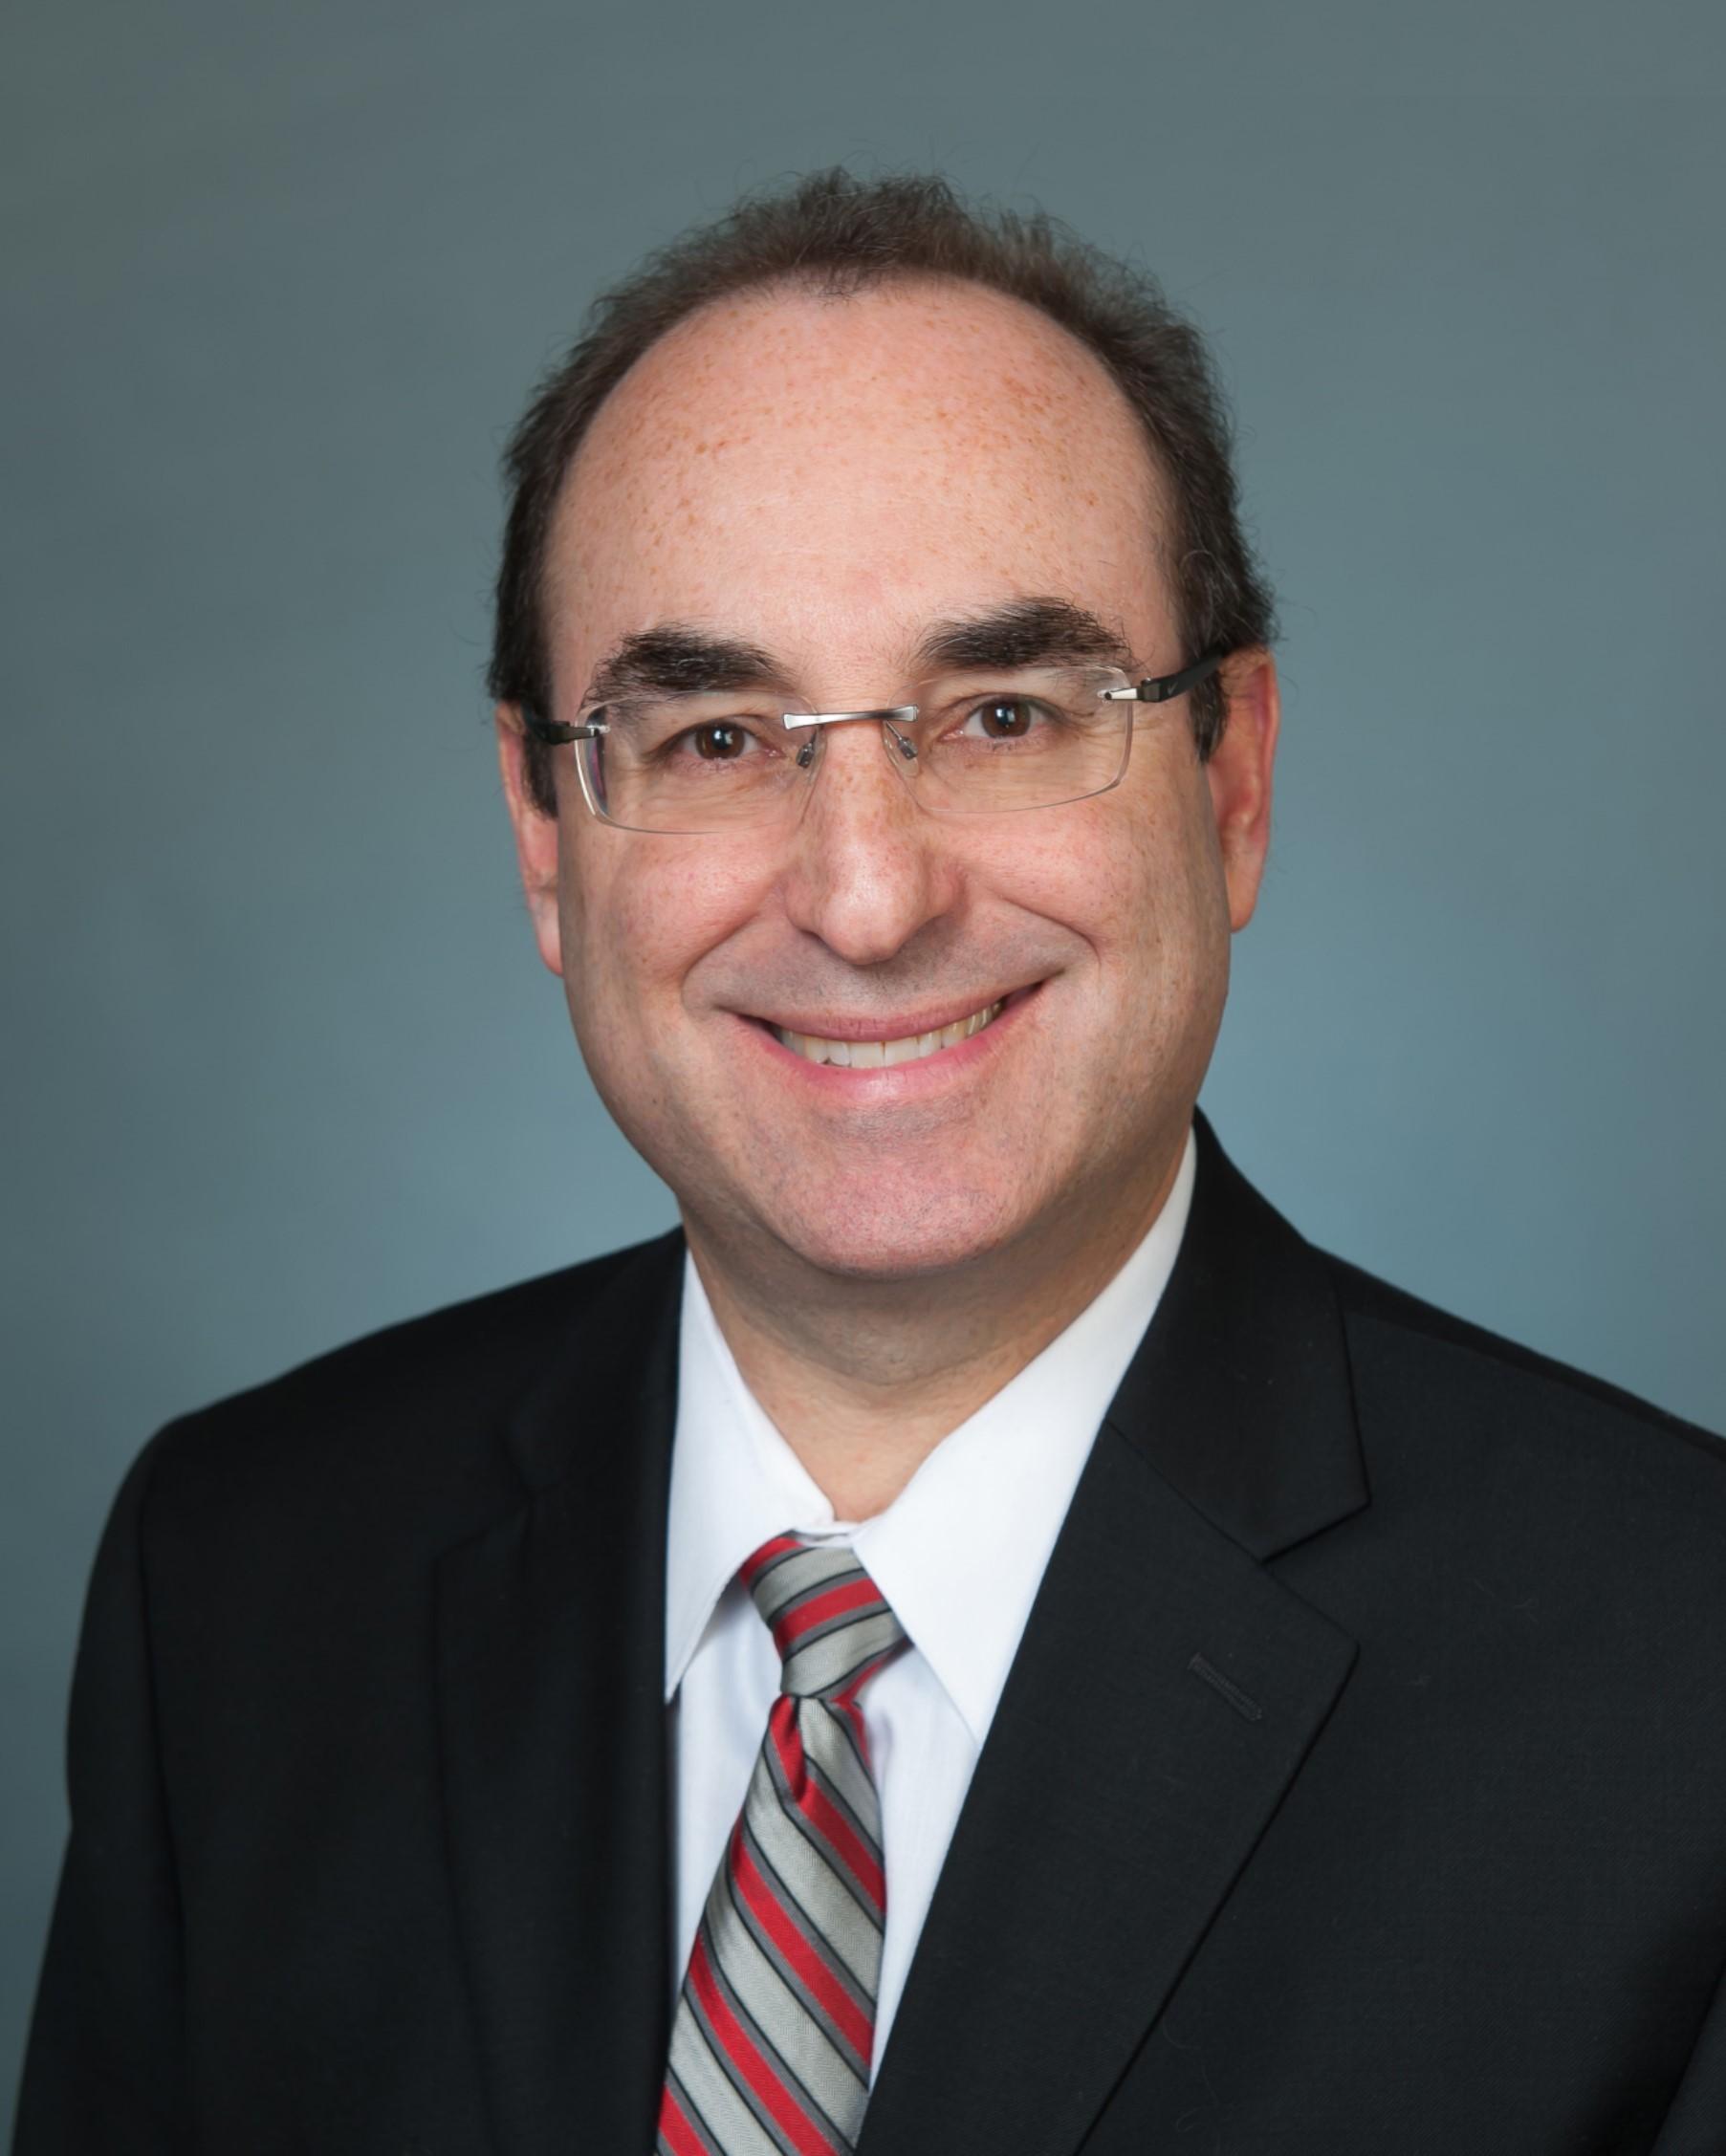 Dr.-Friedman-small.jpg#asset:68312